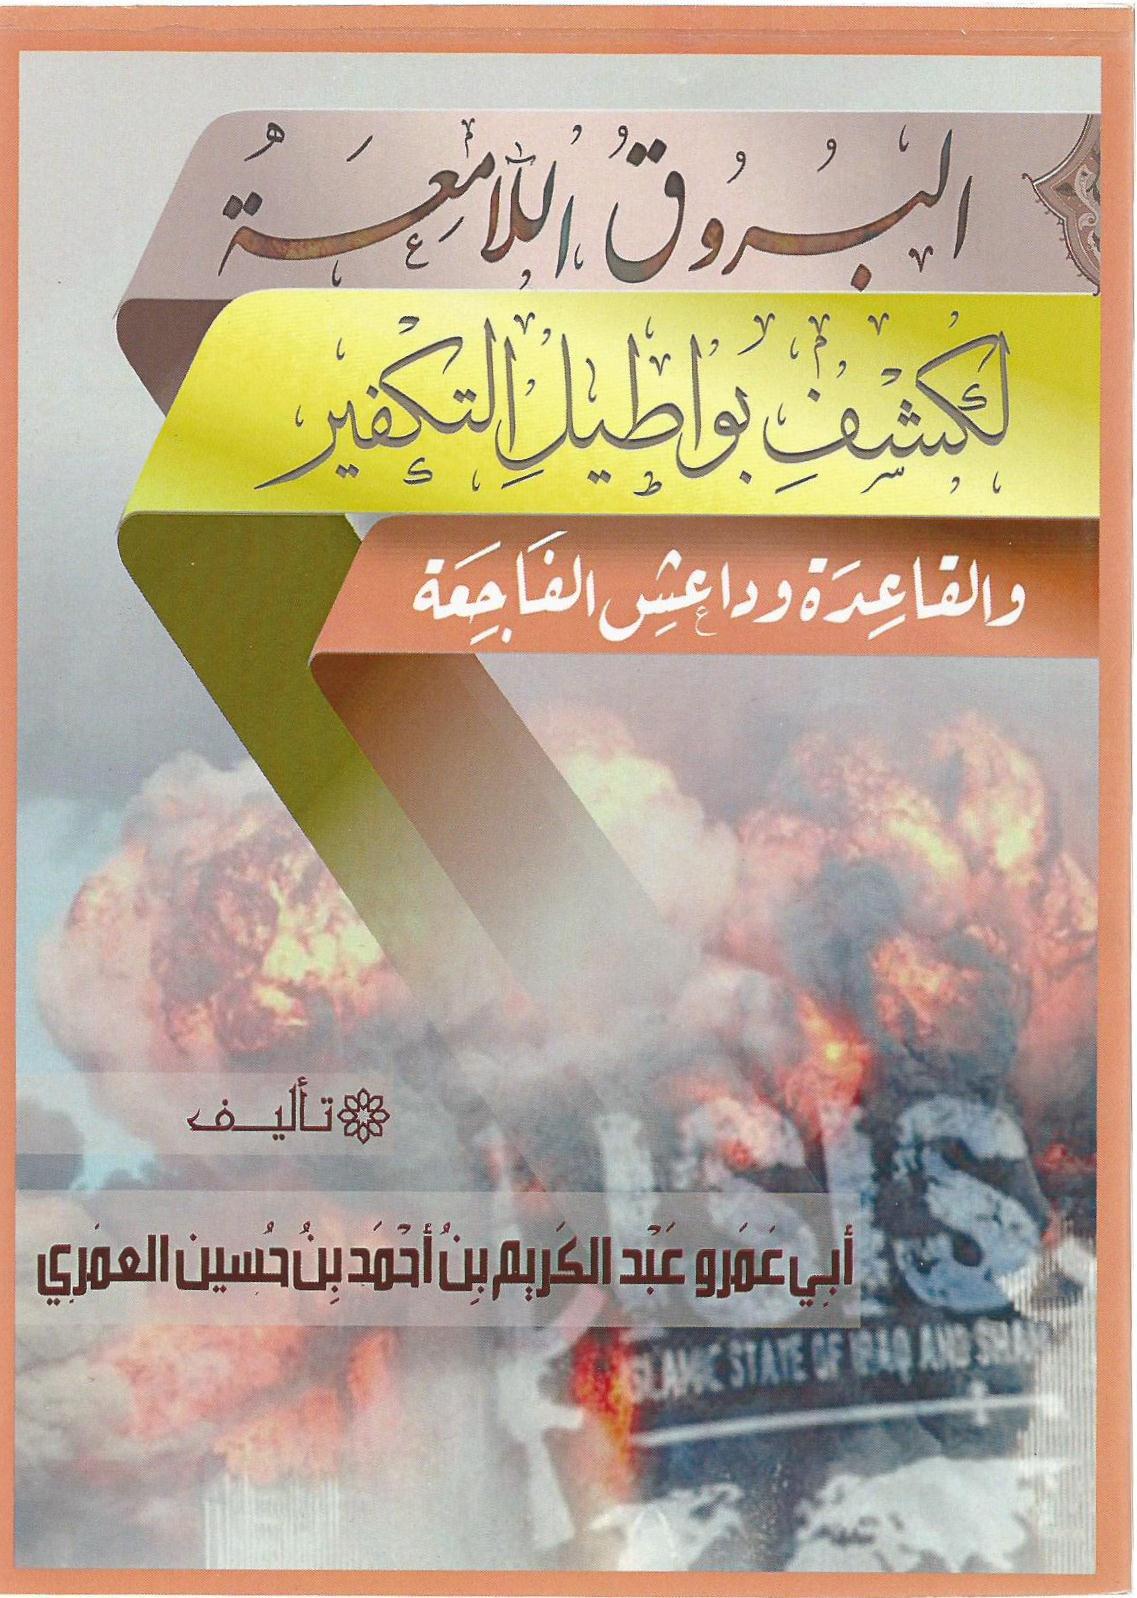 البروق اللامعة لكشف بواطيل التكفير والقاعدة وداعش الفاجعة